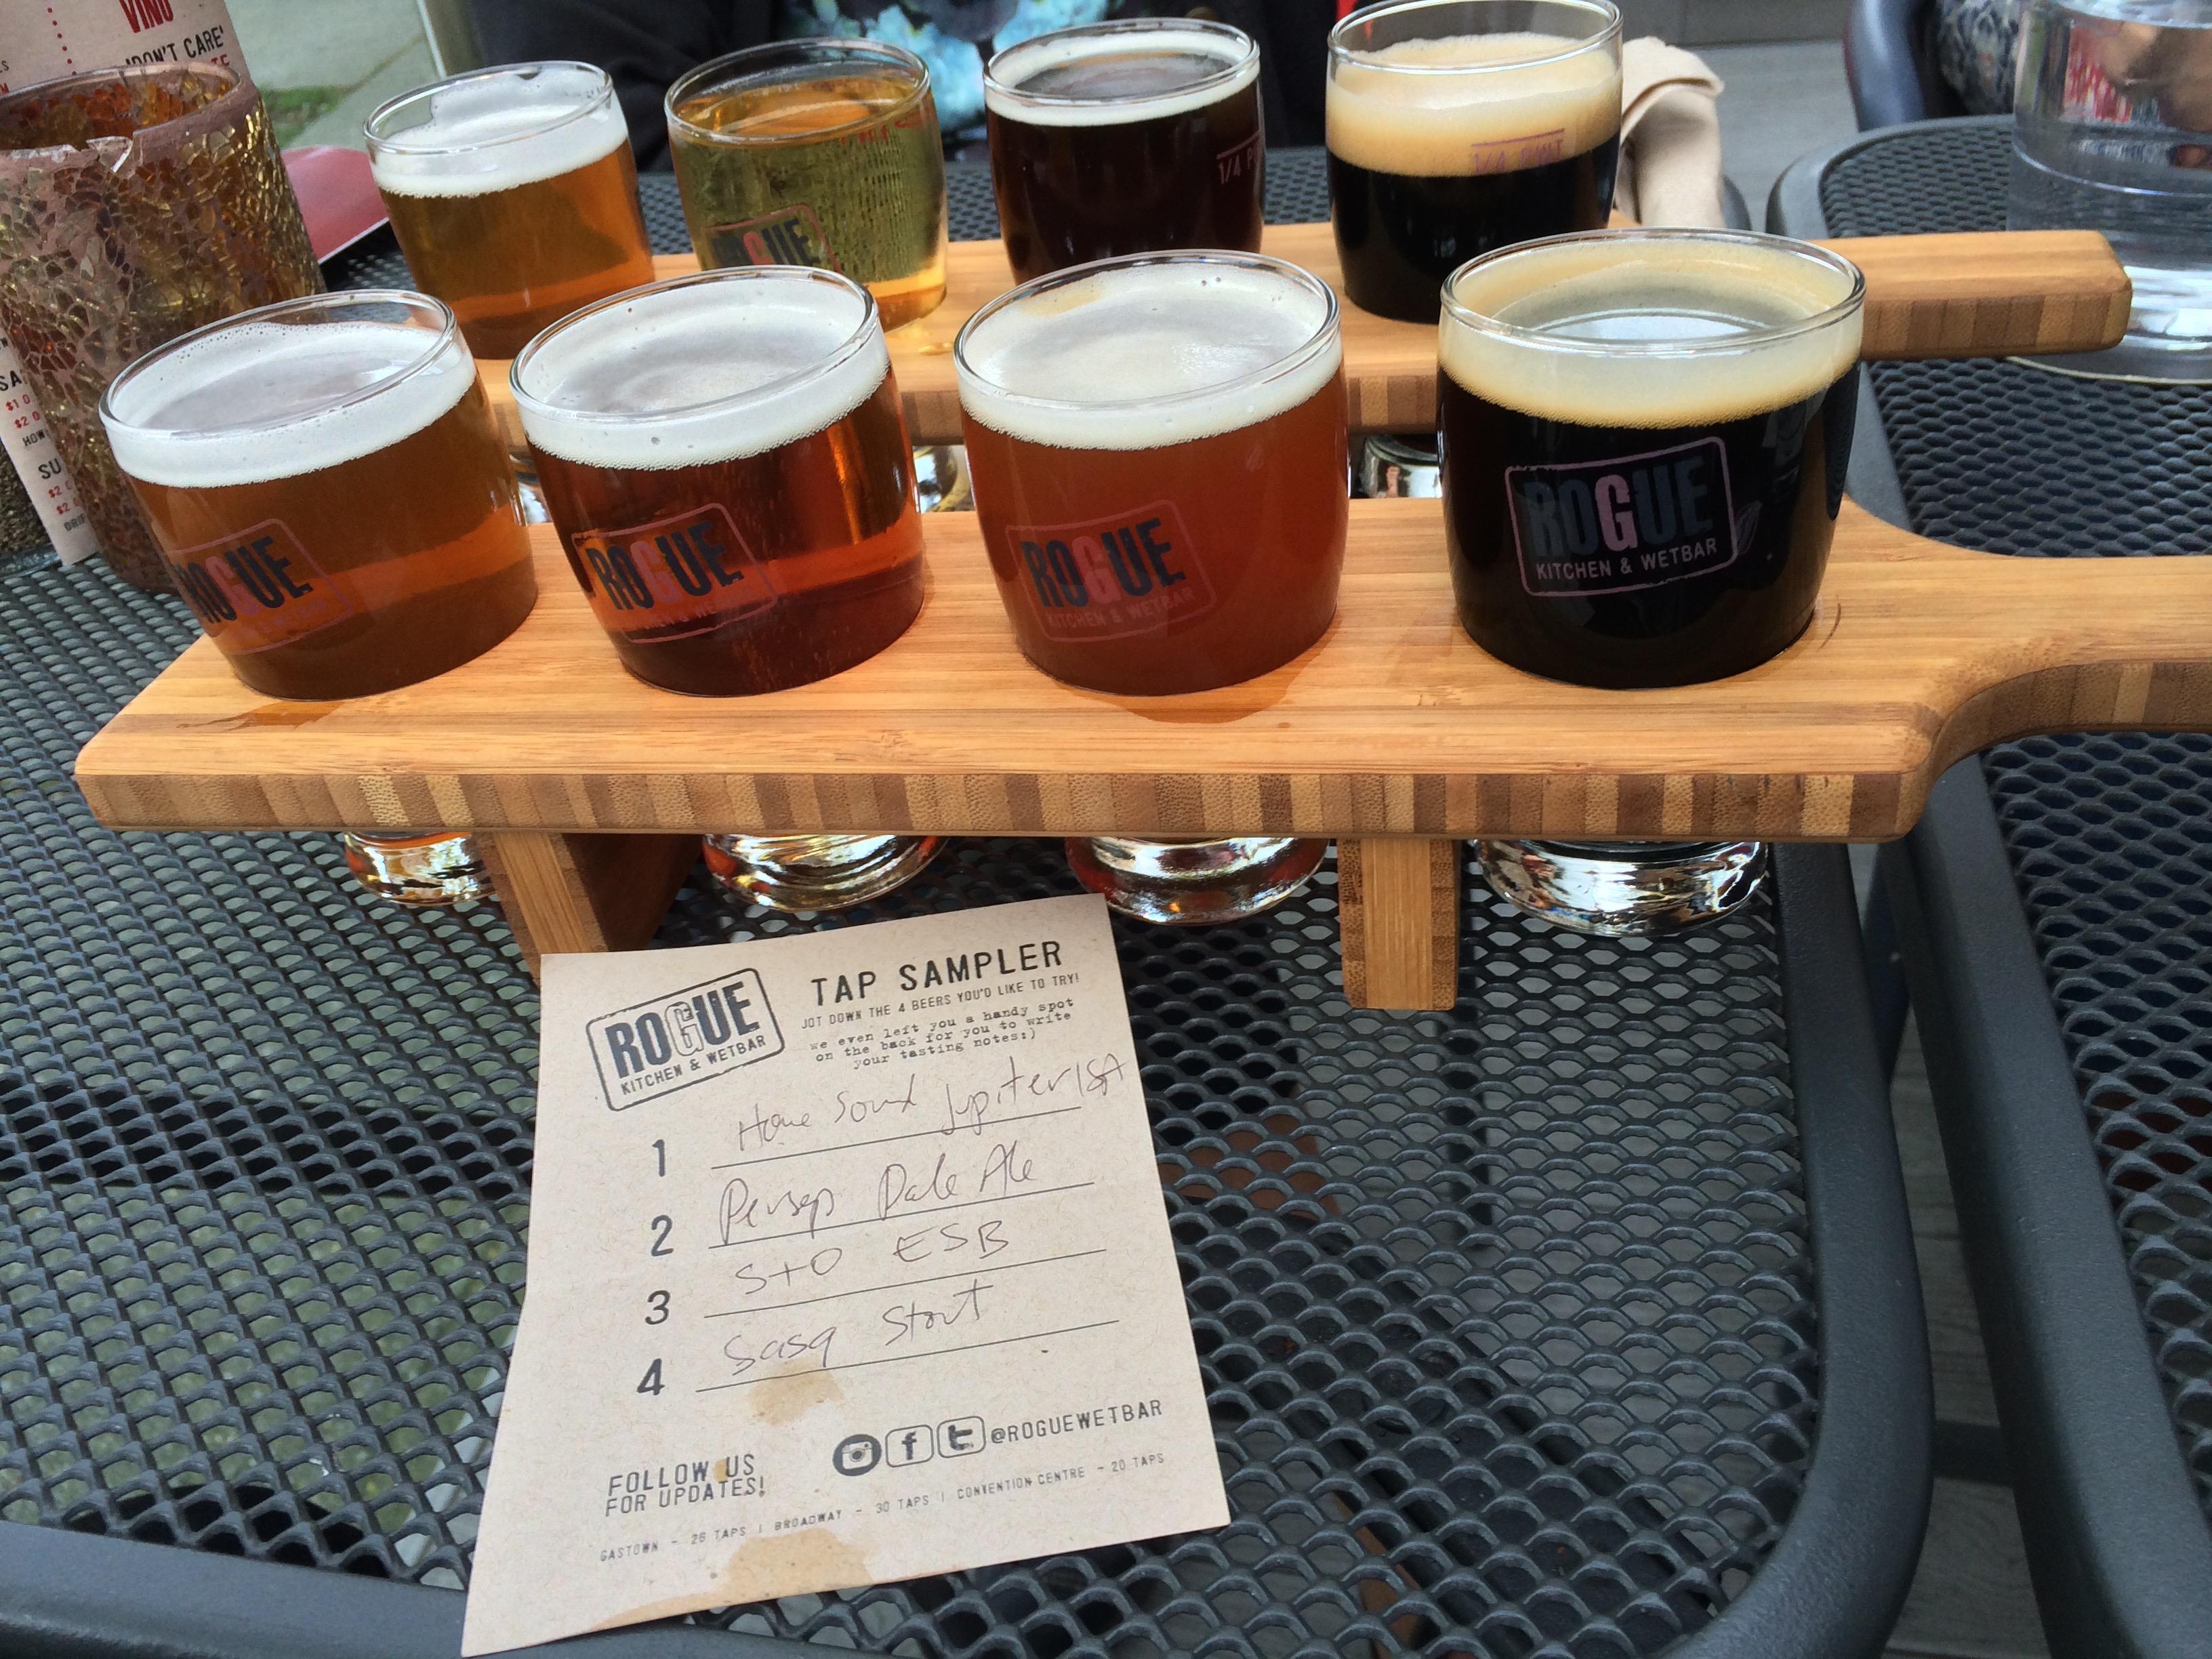 Craft Beer Tasting Paddles Sampler Flights Smooth Edge Design